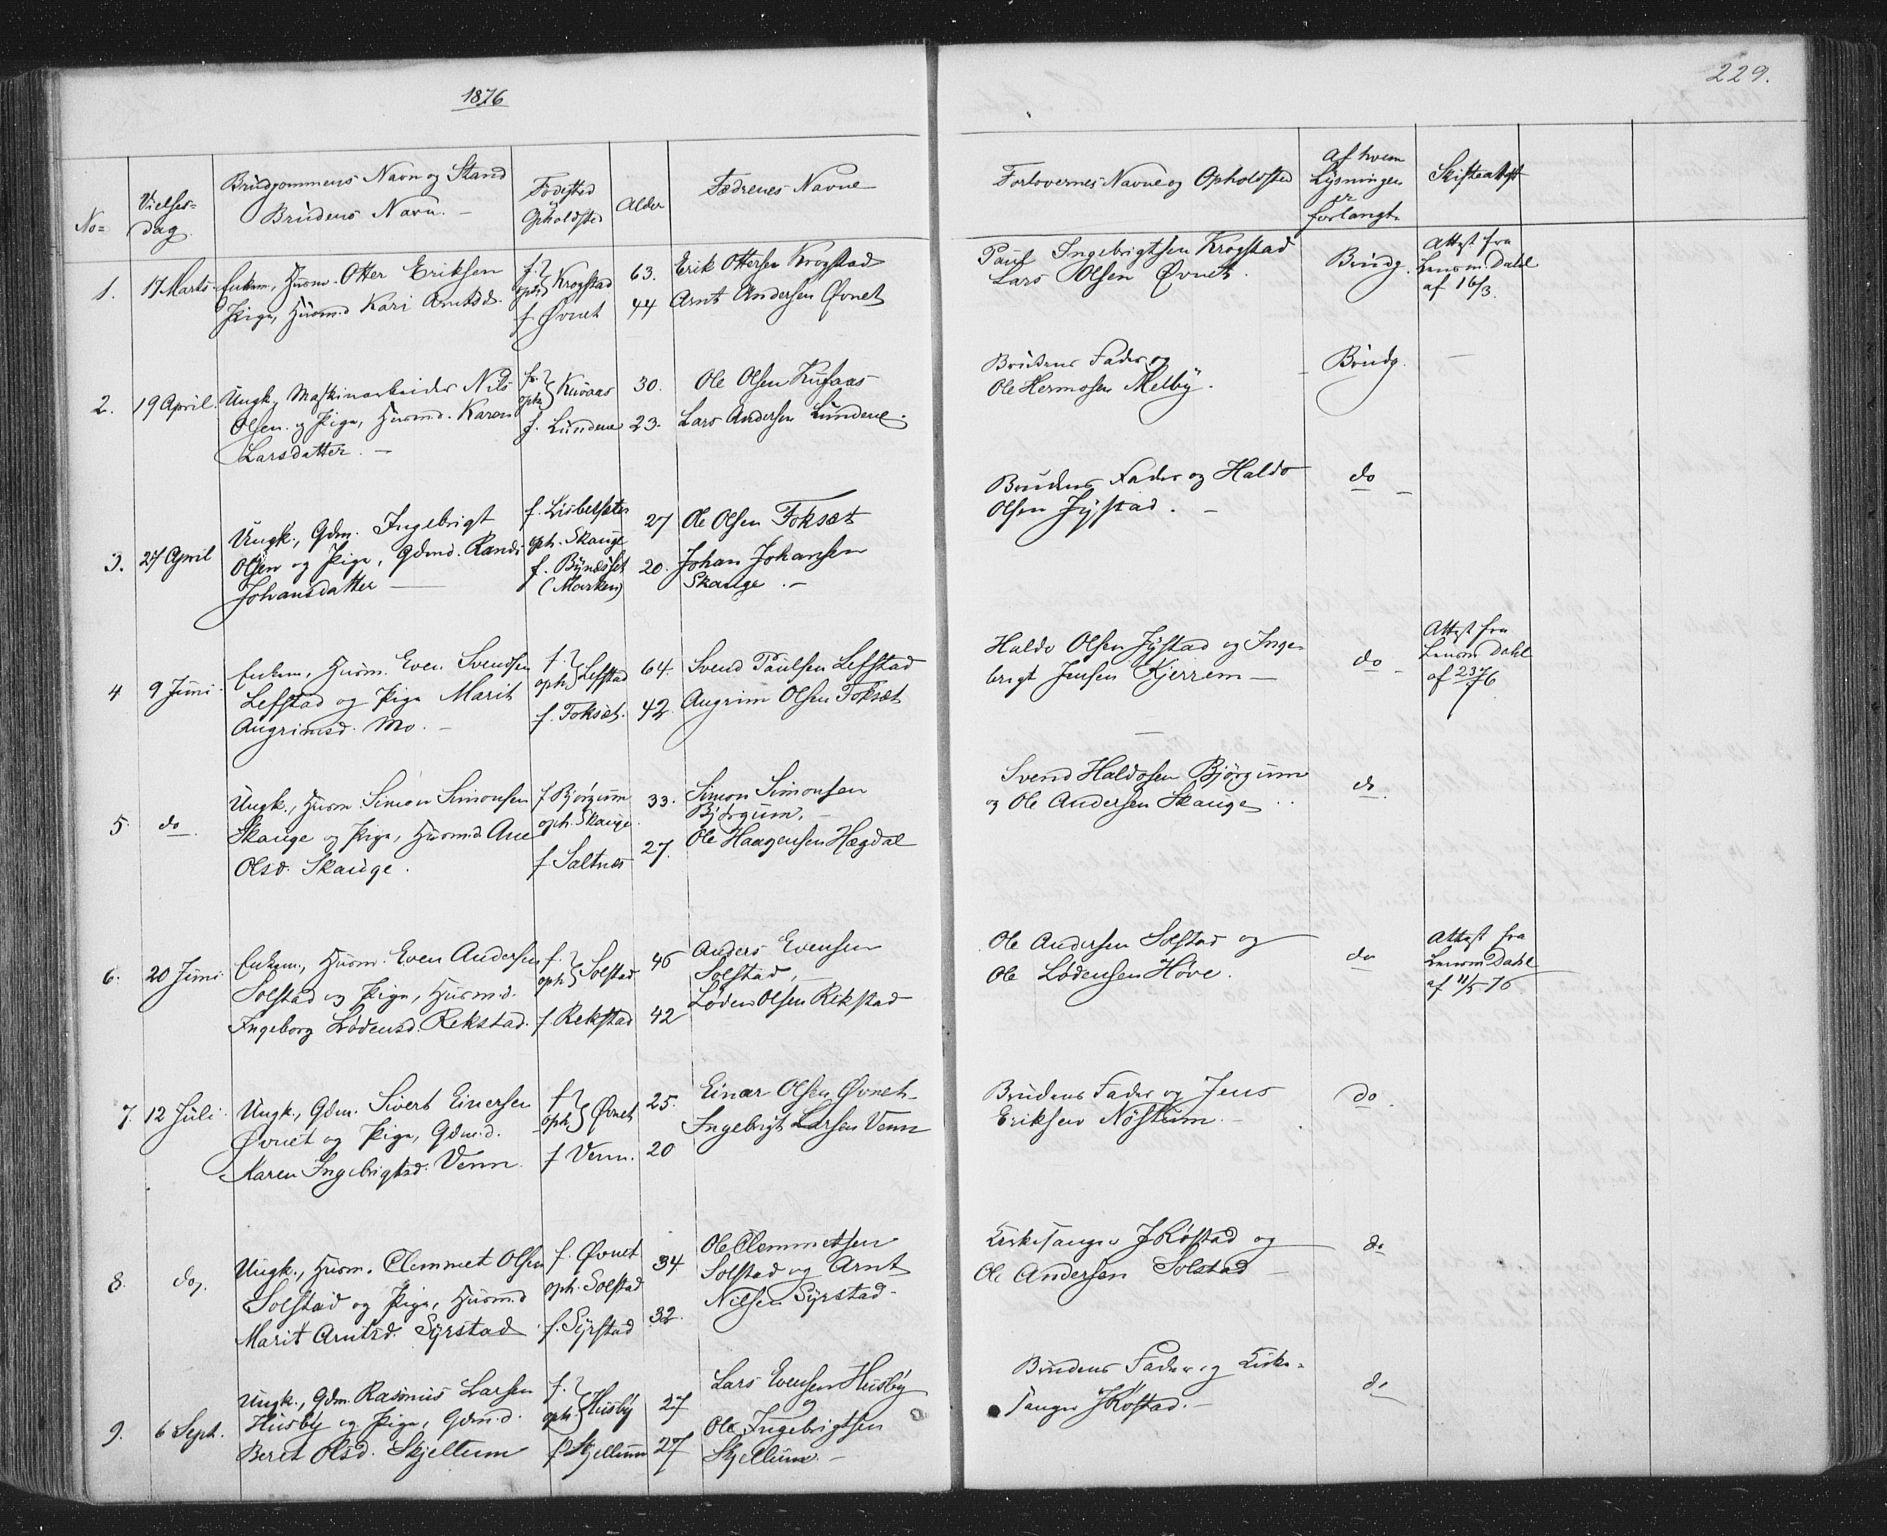 SAT, Ministerialprotokoller, klokkerbøker og fødselsregistre - Sør-Trøndelag, 667/L0798: Klokkerbok nr. 667C03, 1867-1929, s. 229